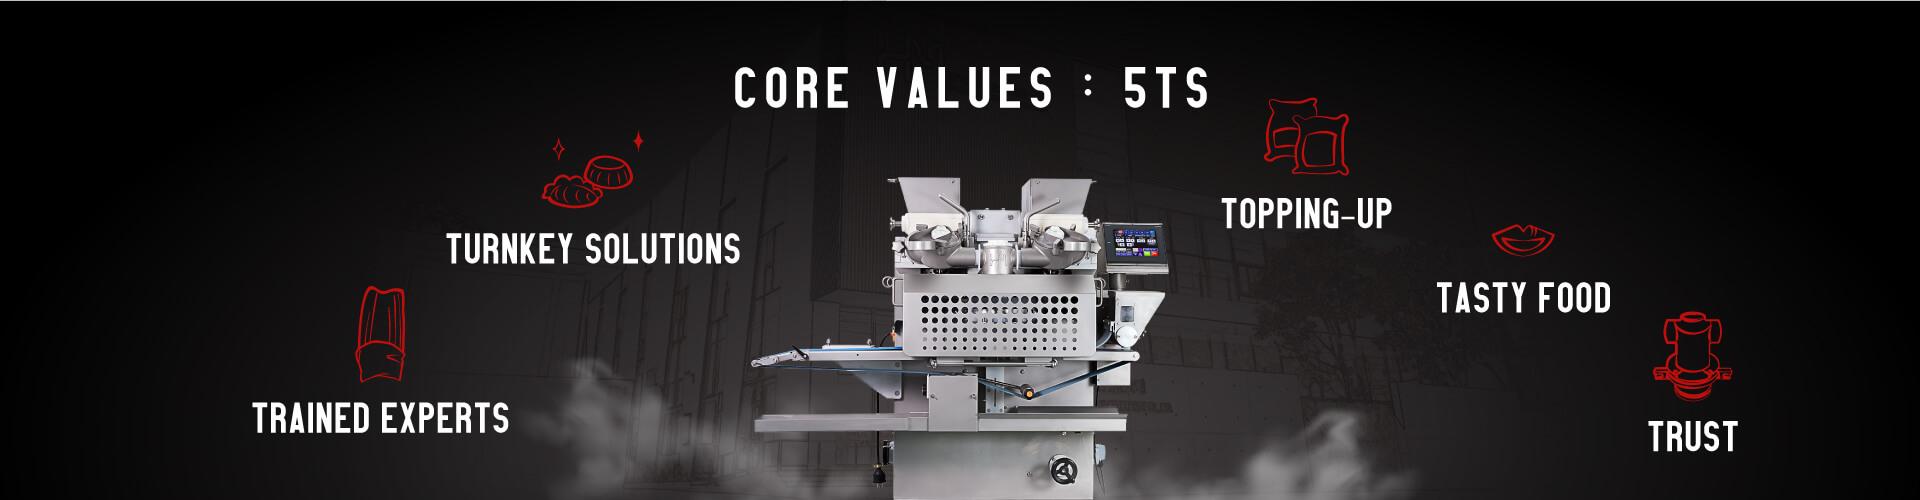 Value core